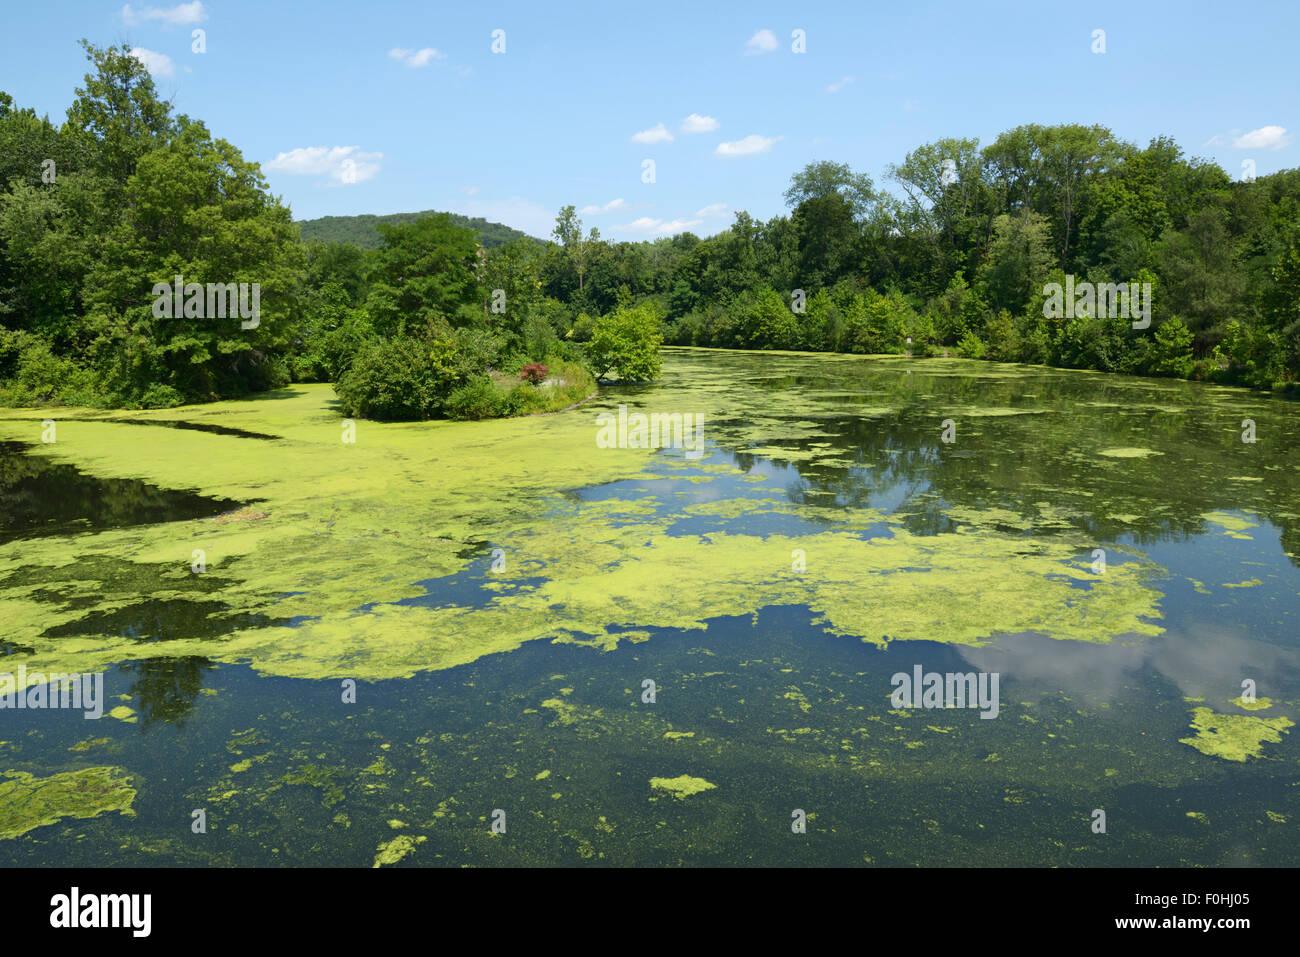 Fioritura di alghe risultante dall'eutrofizzazione, Ramapo River, northern NJ. Inquinamento delle acque Immagini Stock